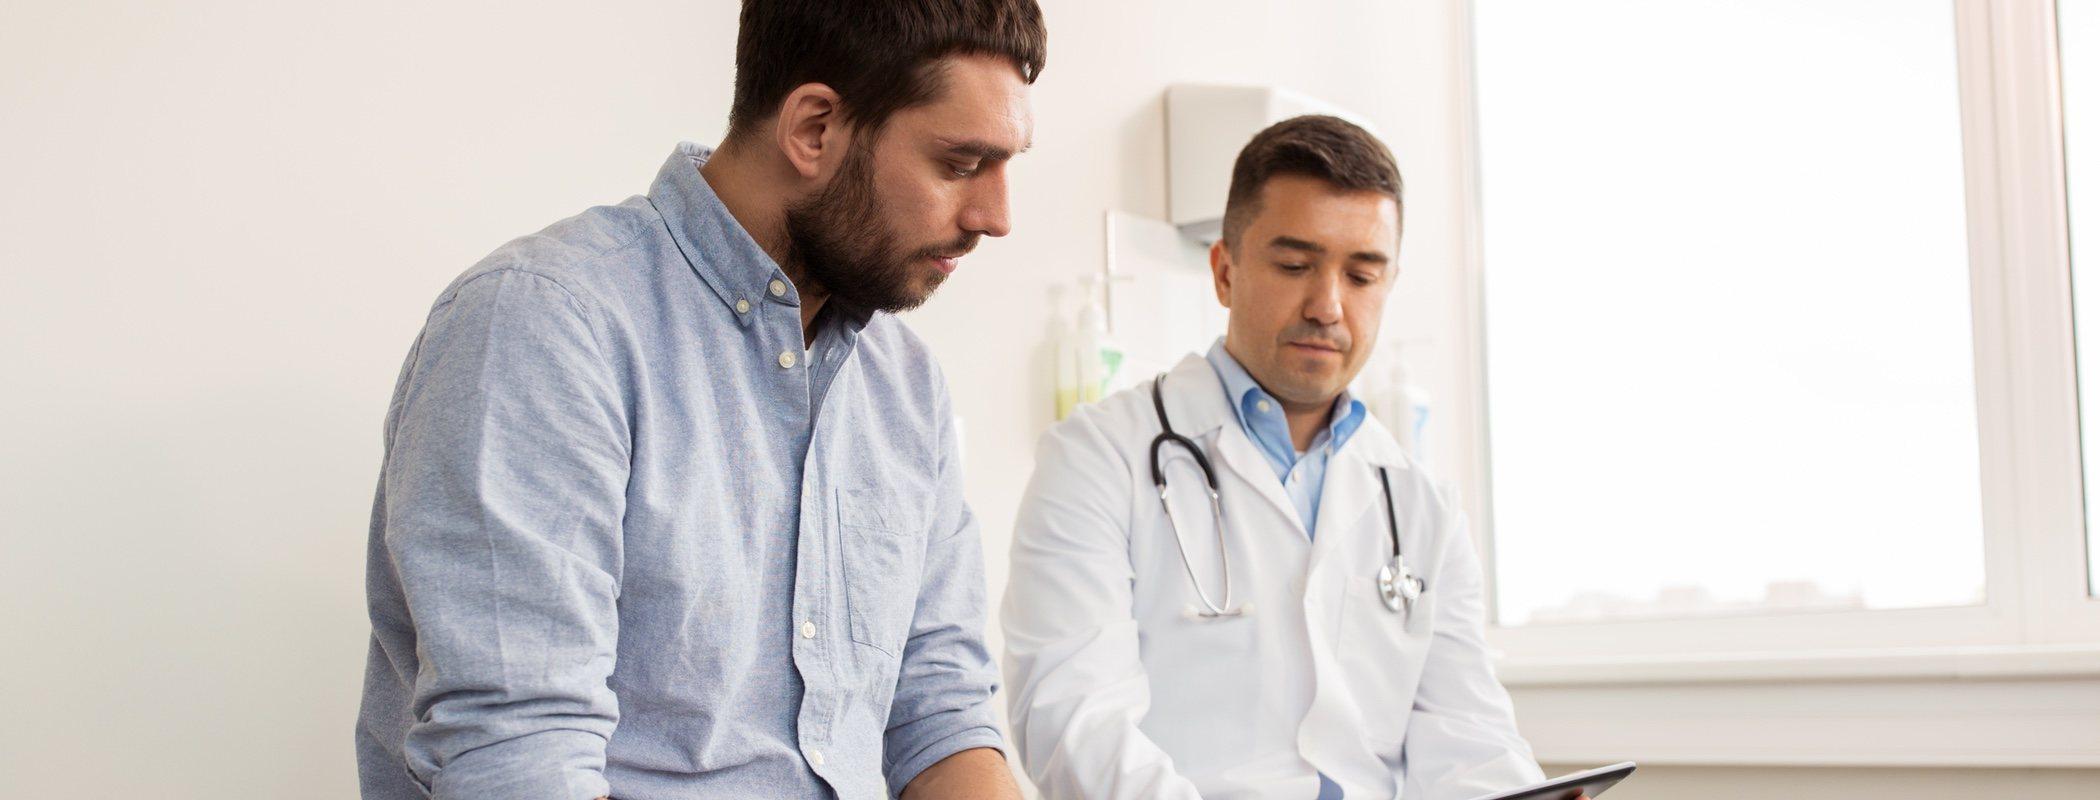 Sífilis: diagnóstico y tratamiento